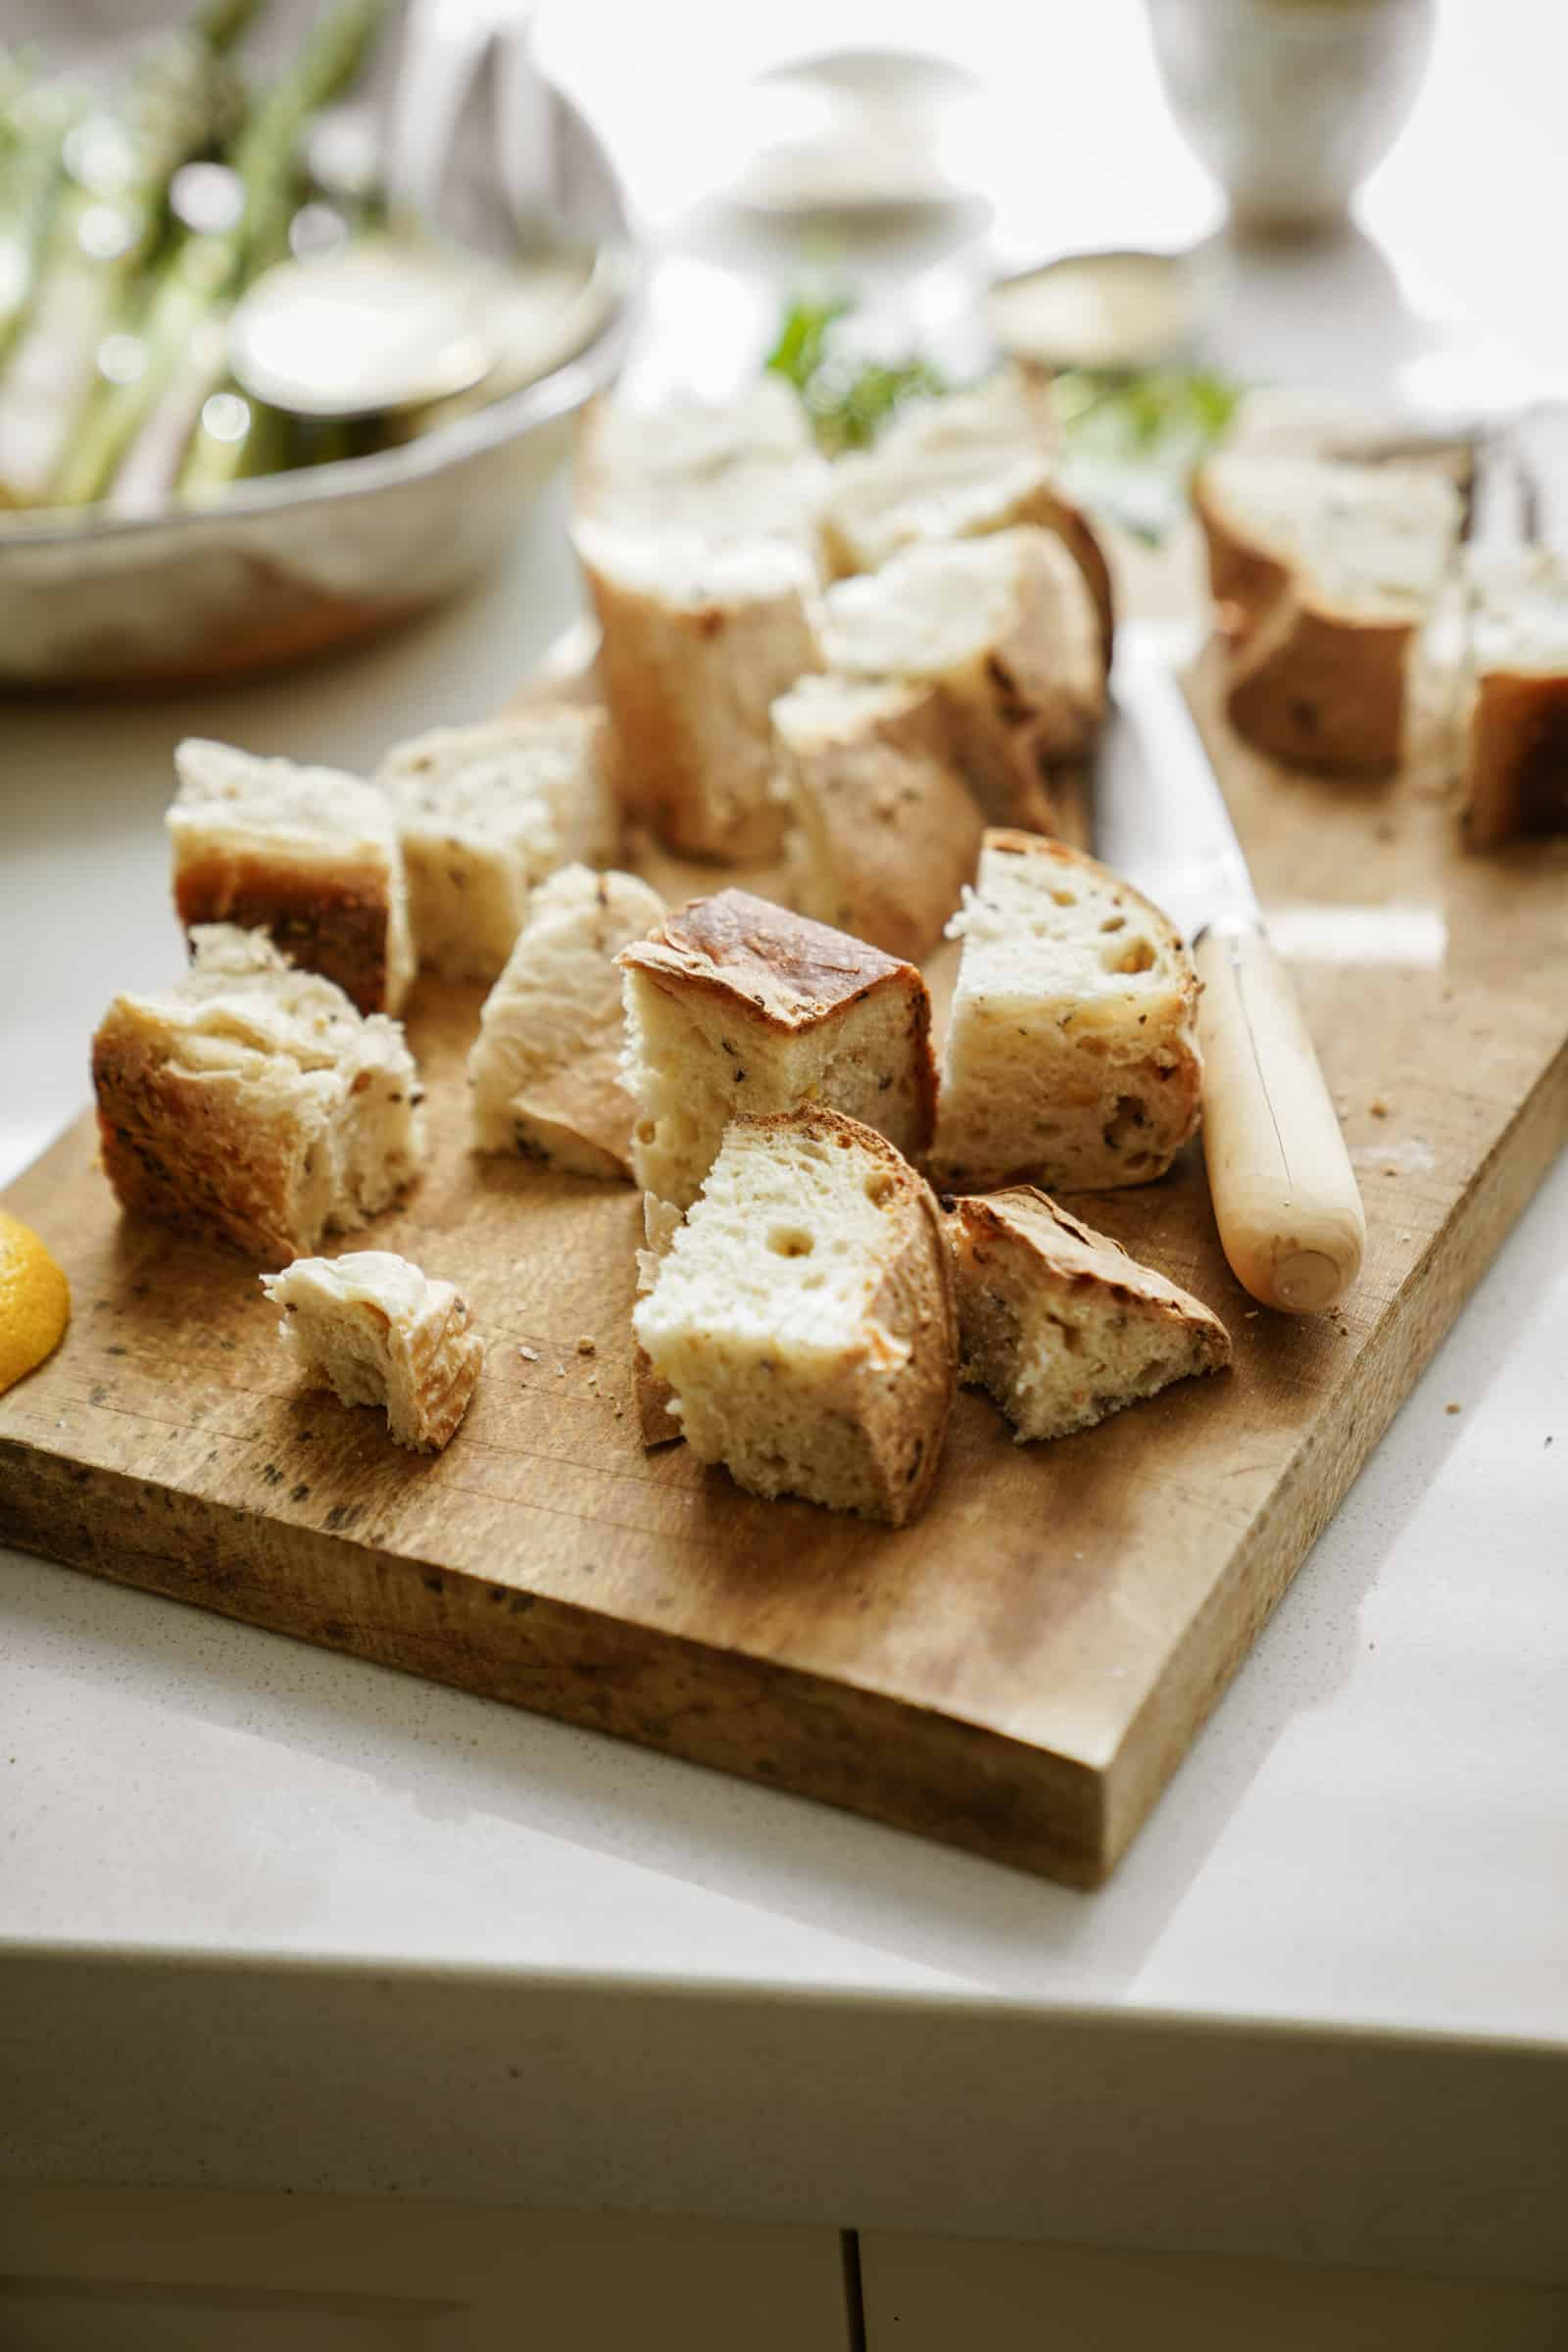 Bread on a cutting board